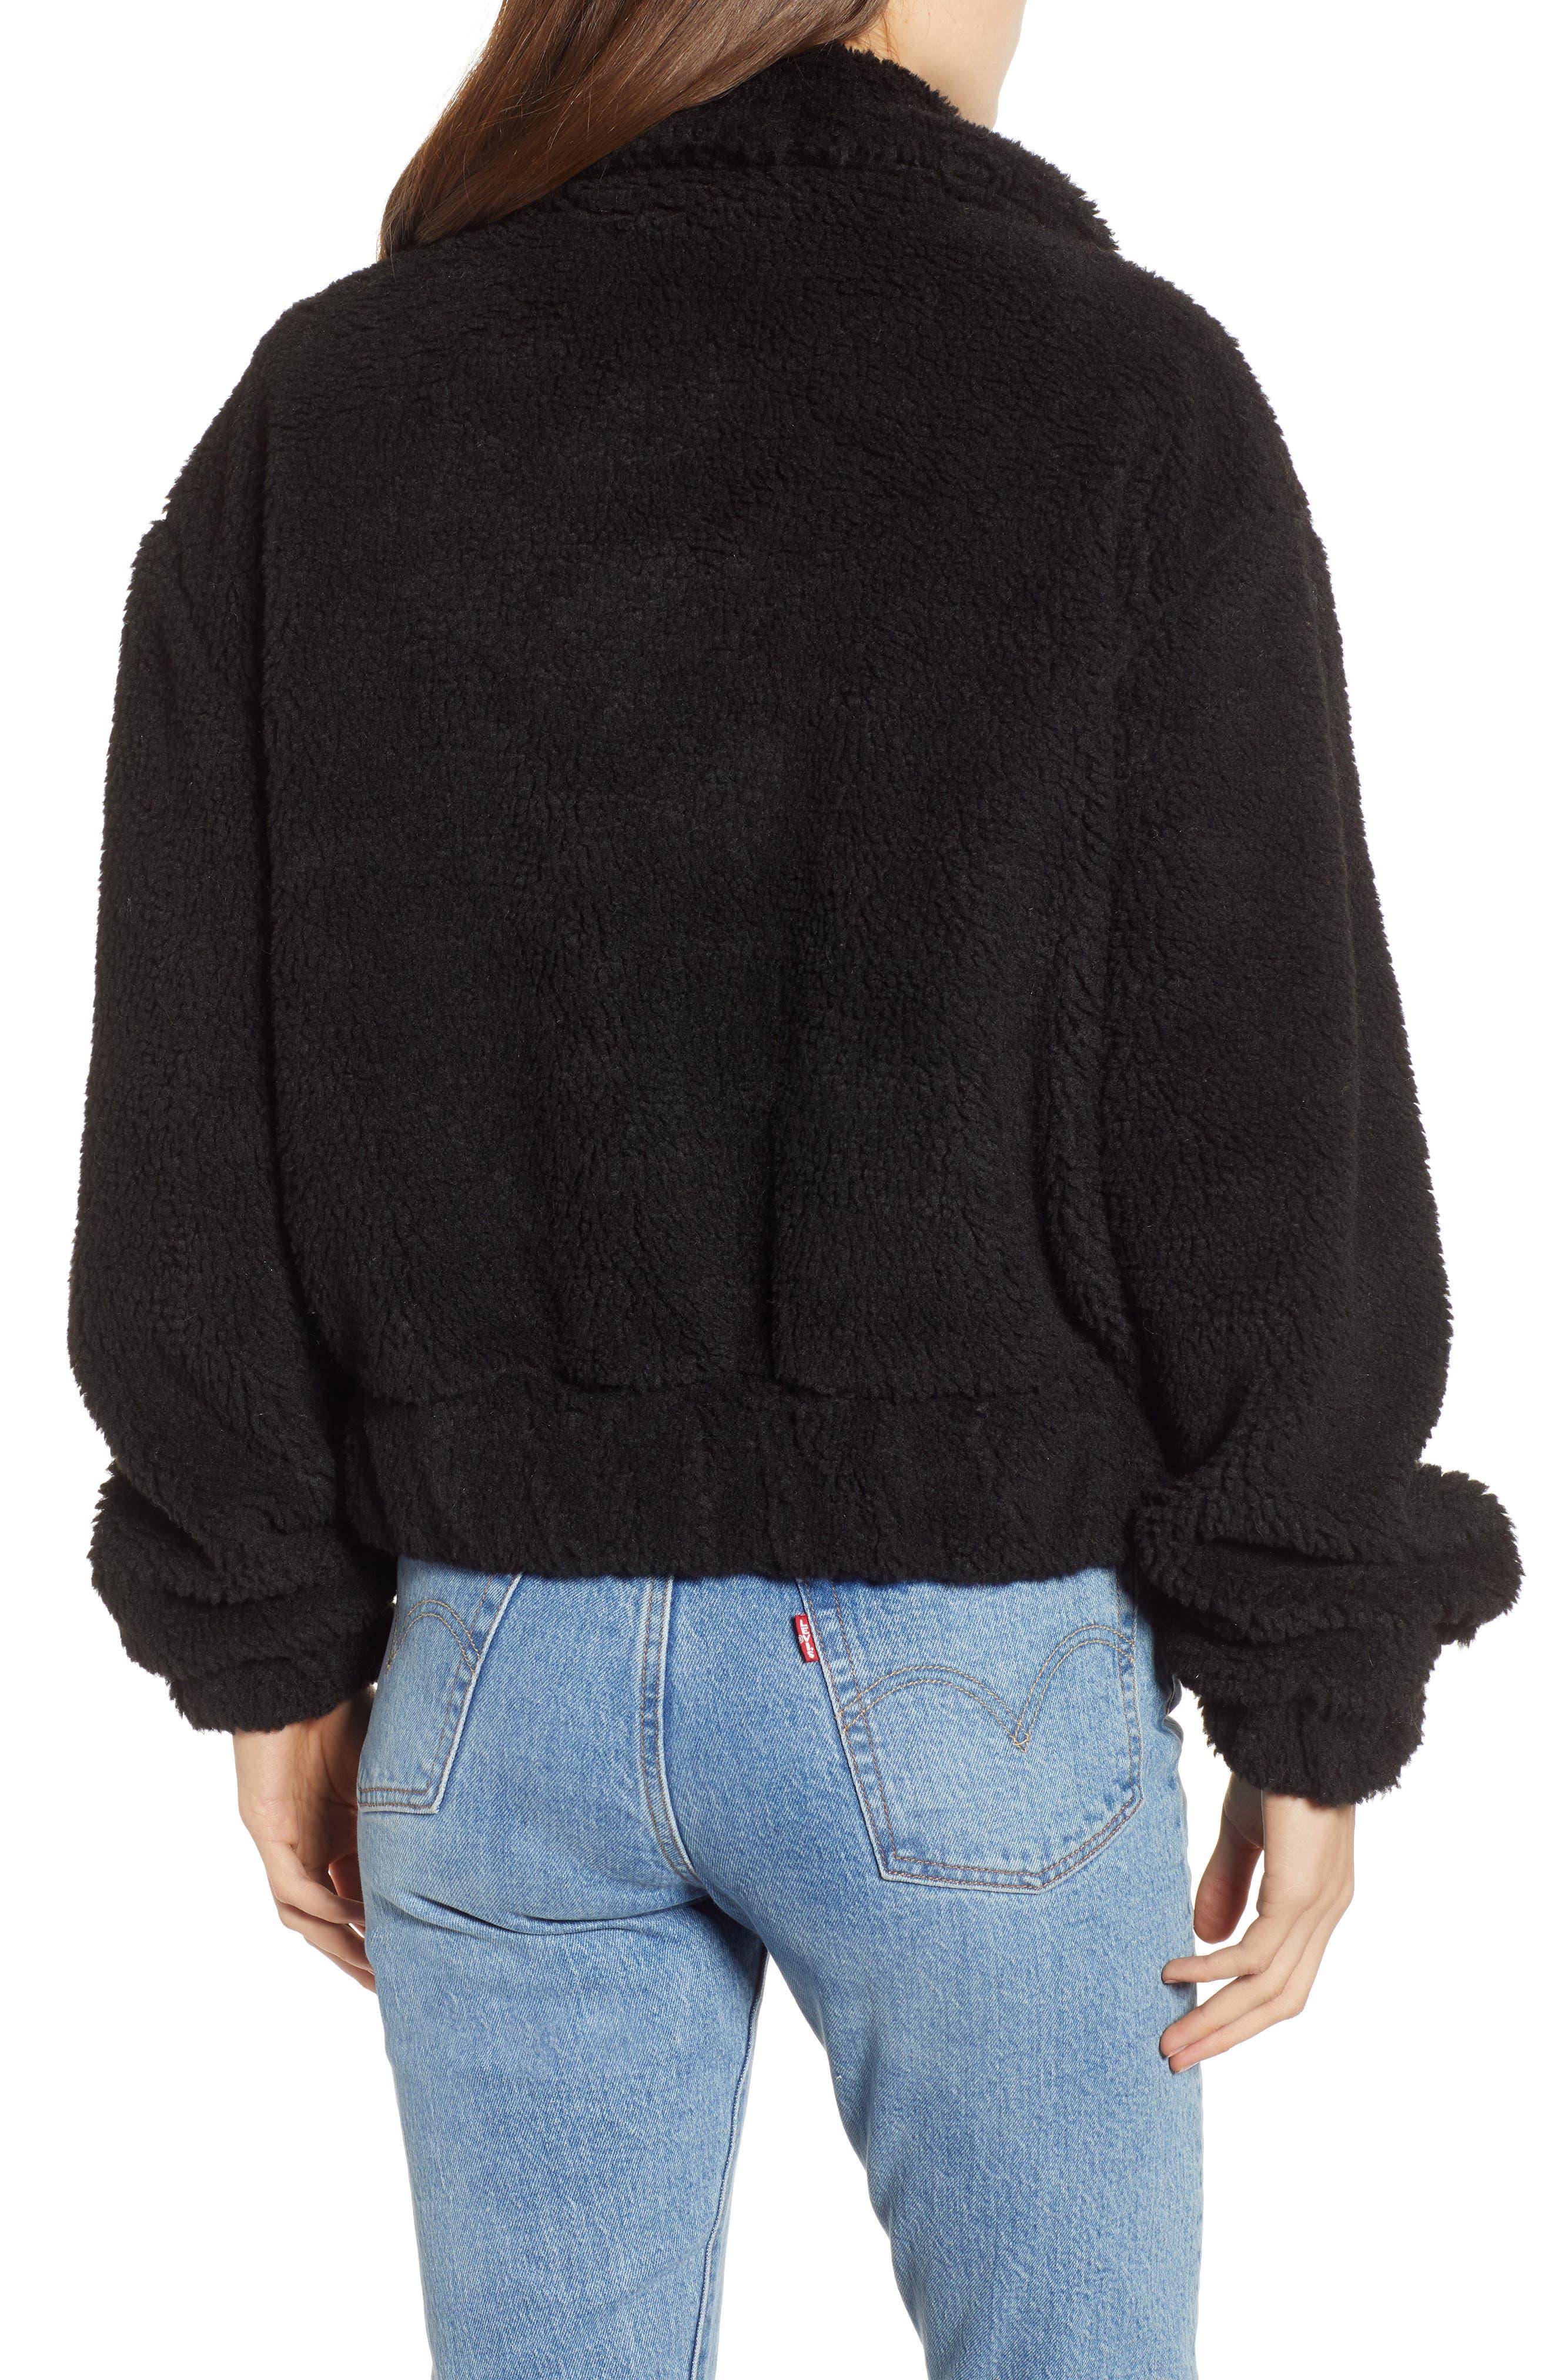 Northy Faux Fur Jacket,                             Alternate thumbnail 2, color,                             BLACK